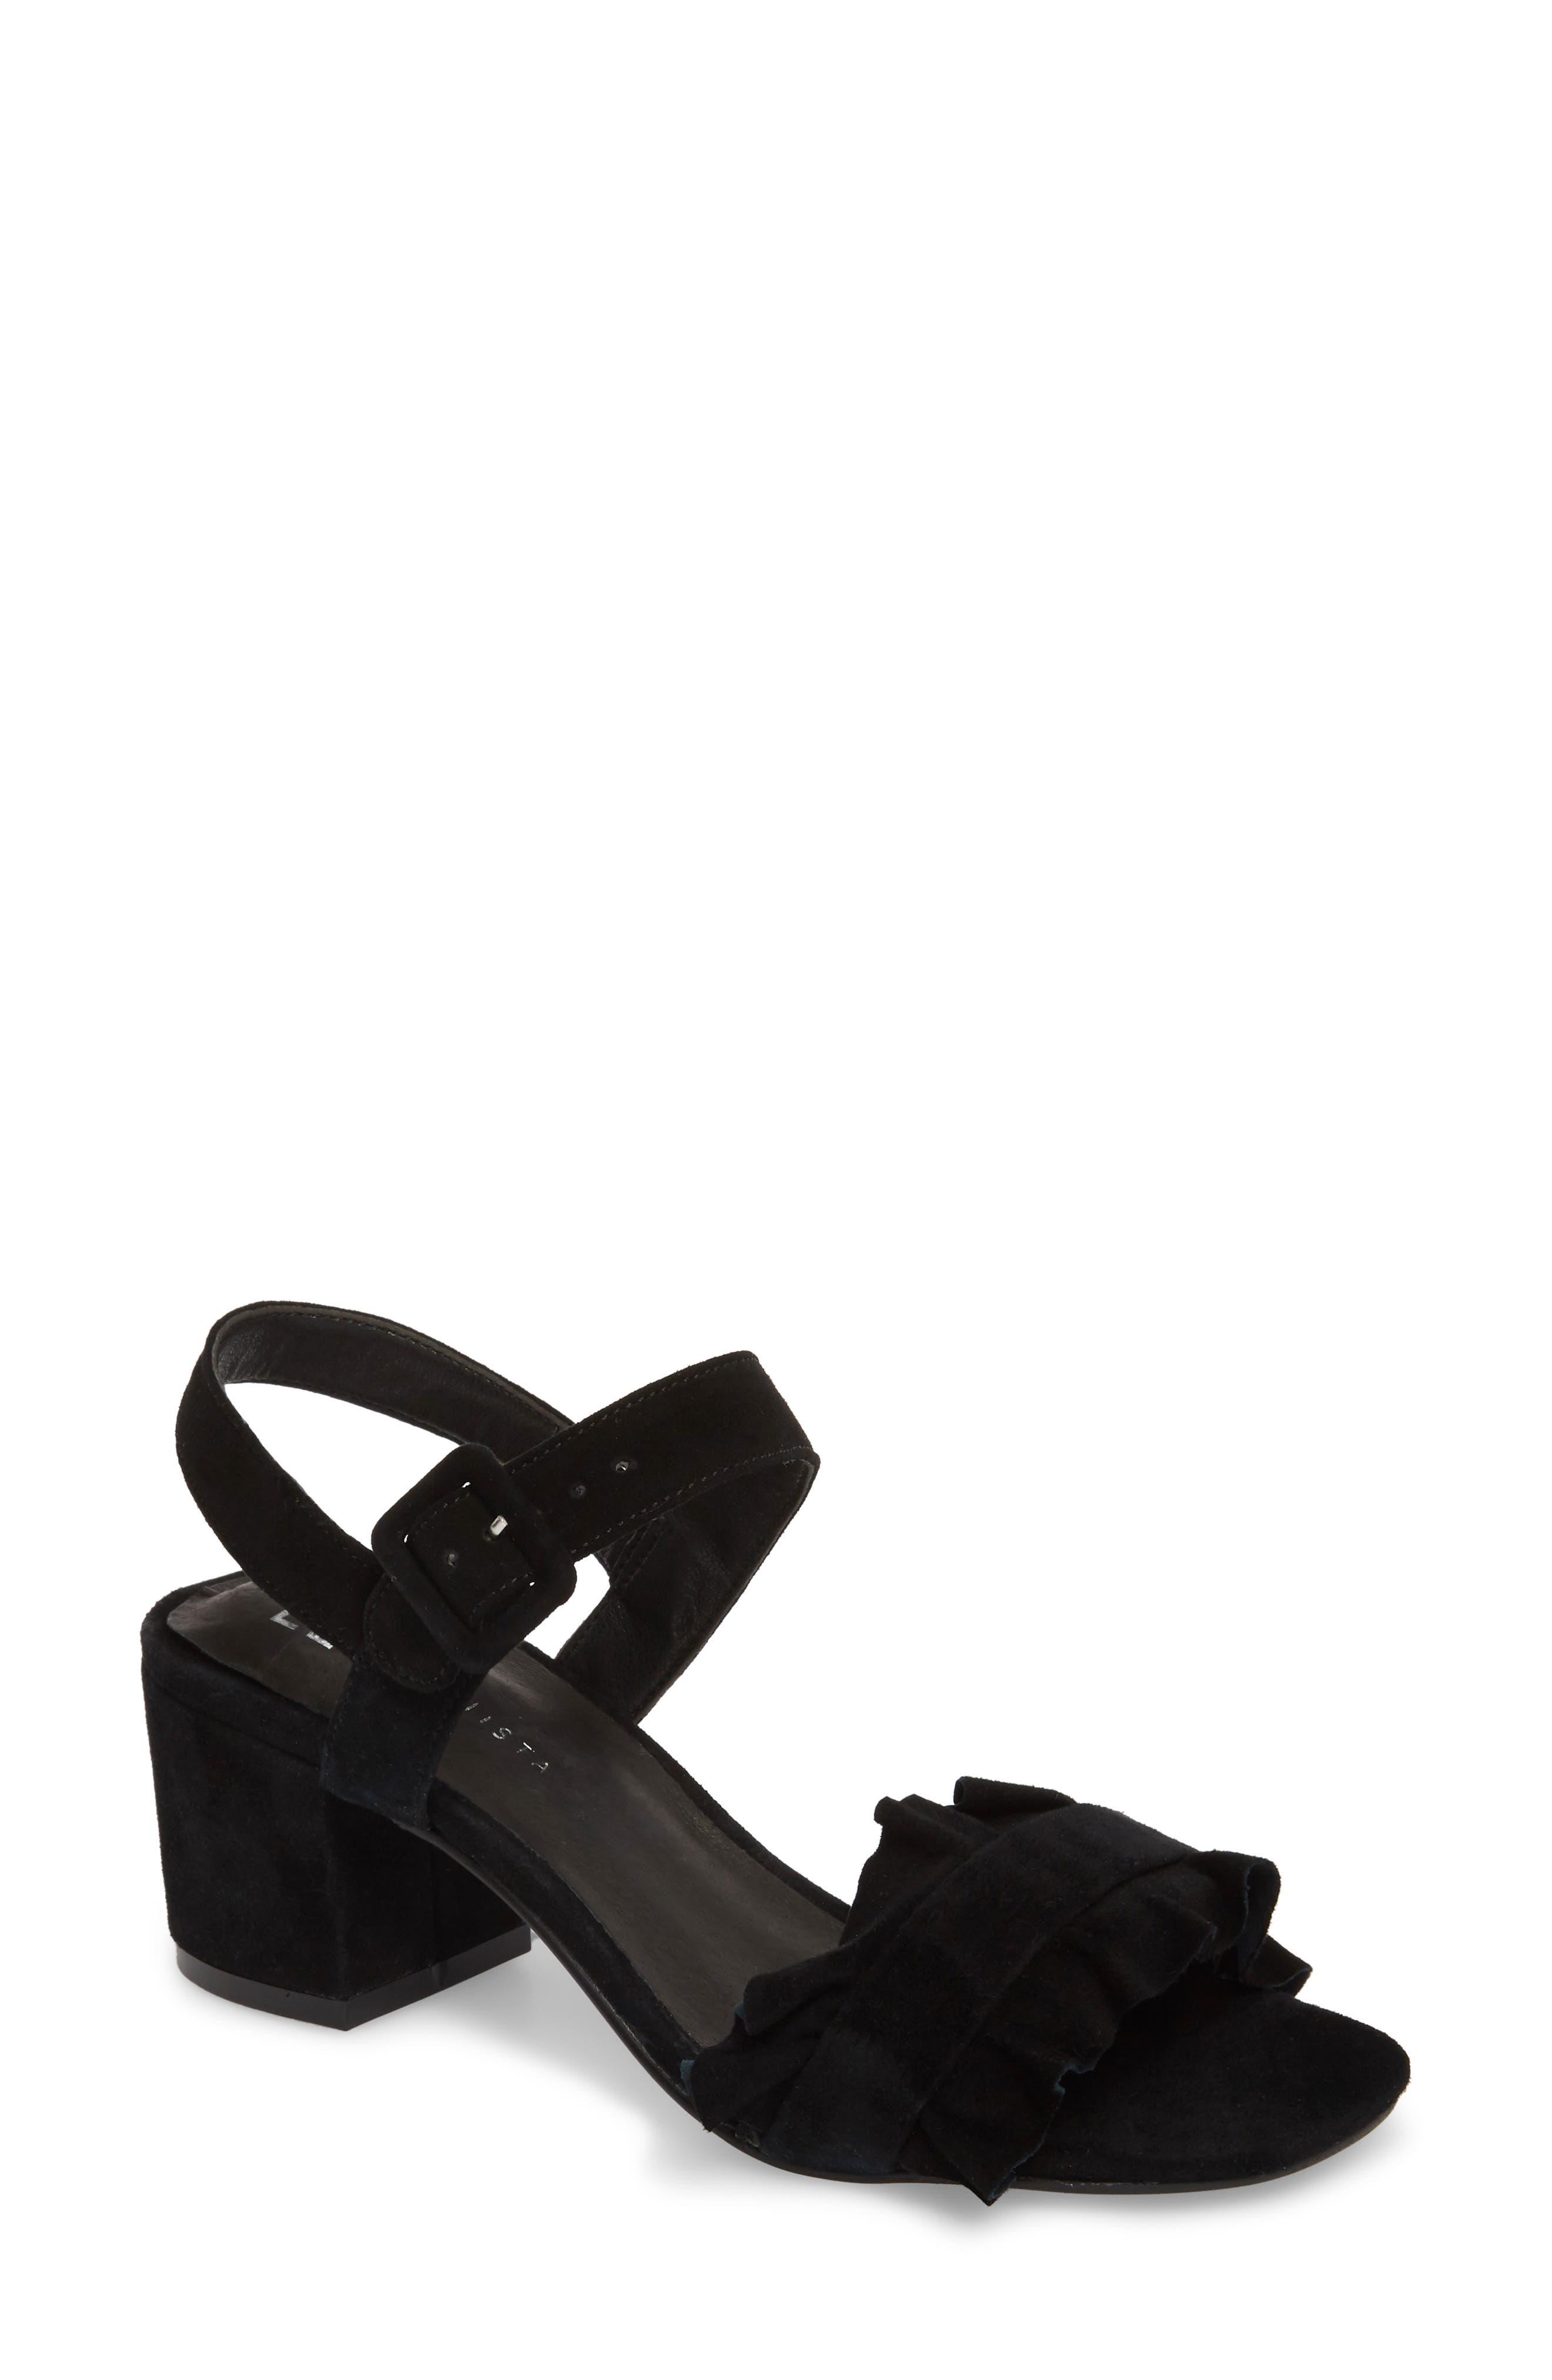 E8 By Miista Sandie Block Heel Sandal - Black